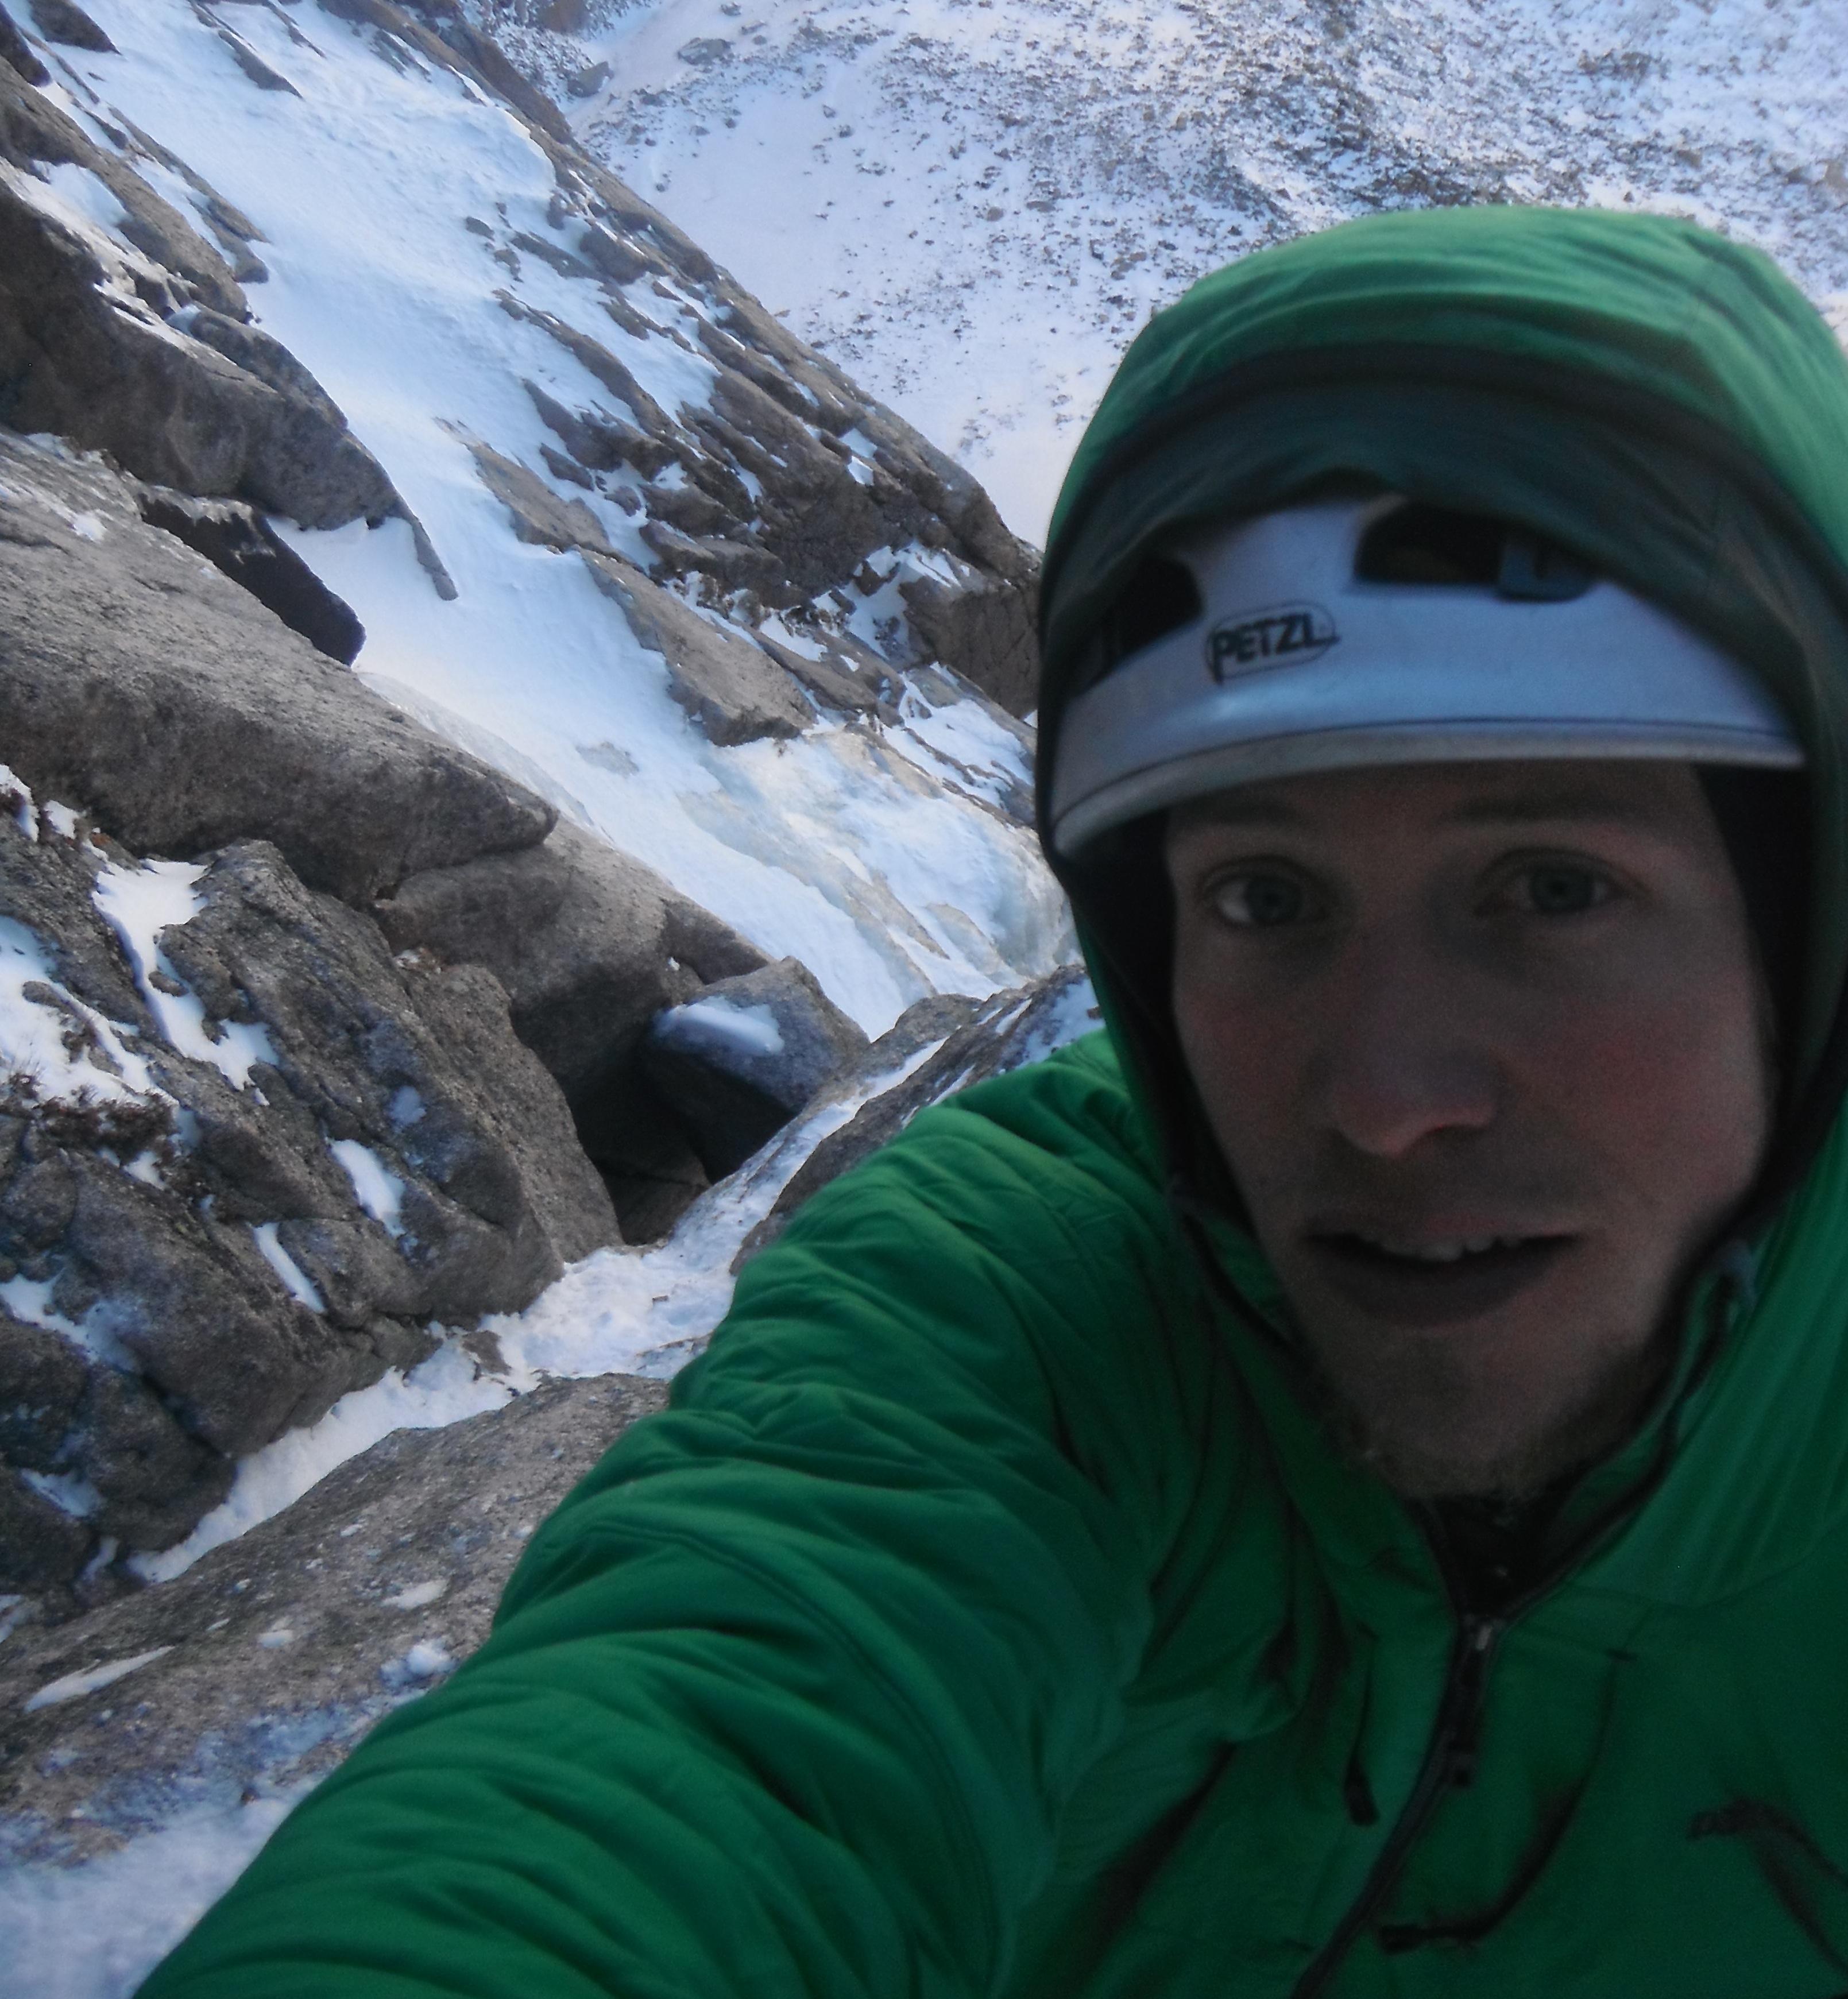 Review Patagonia Nano Air Hoody The Climbing Zinethe